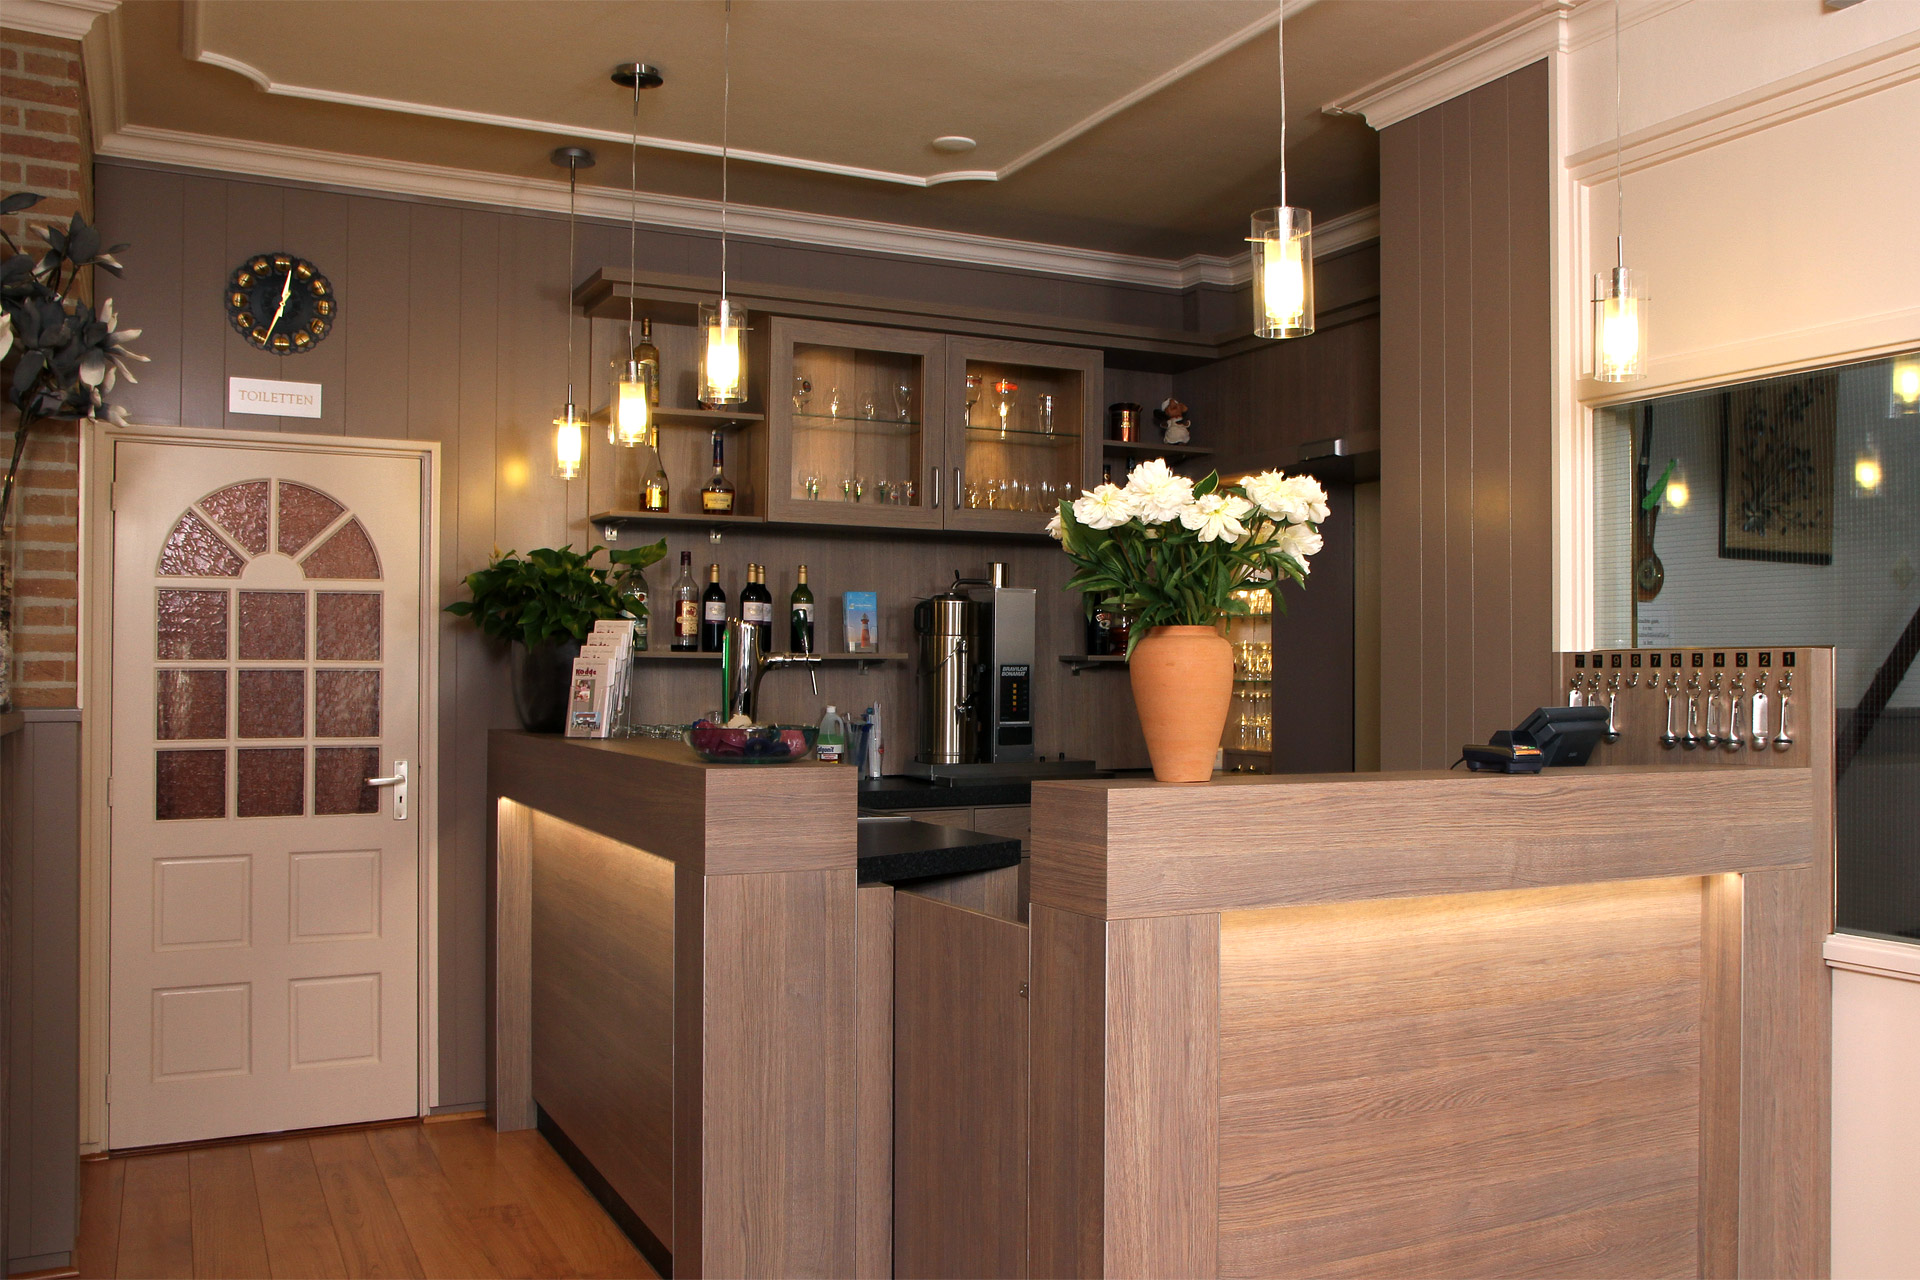 hotel-kodde-restaurant-IMG_5069